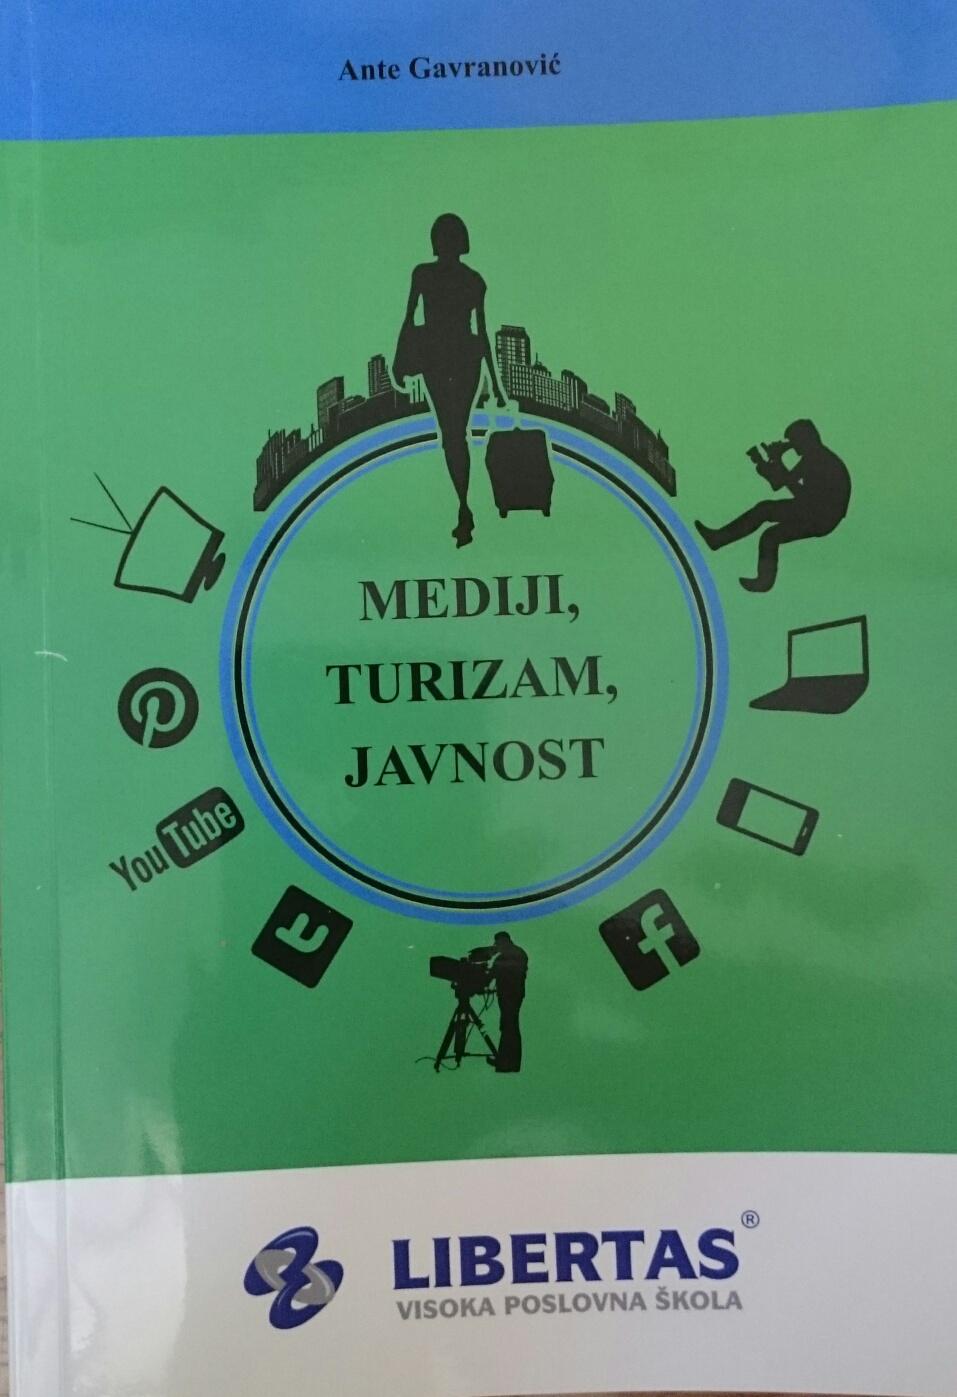 MEDIJI, TURIZAM, JAVNOST - Naruči svoju knjigu